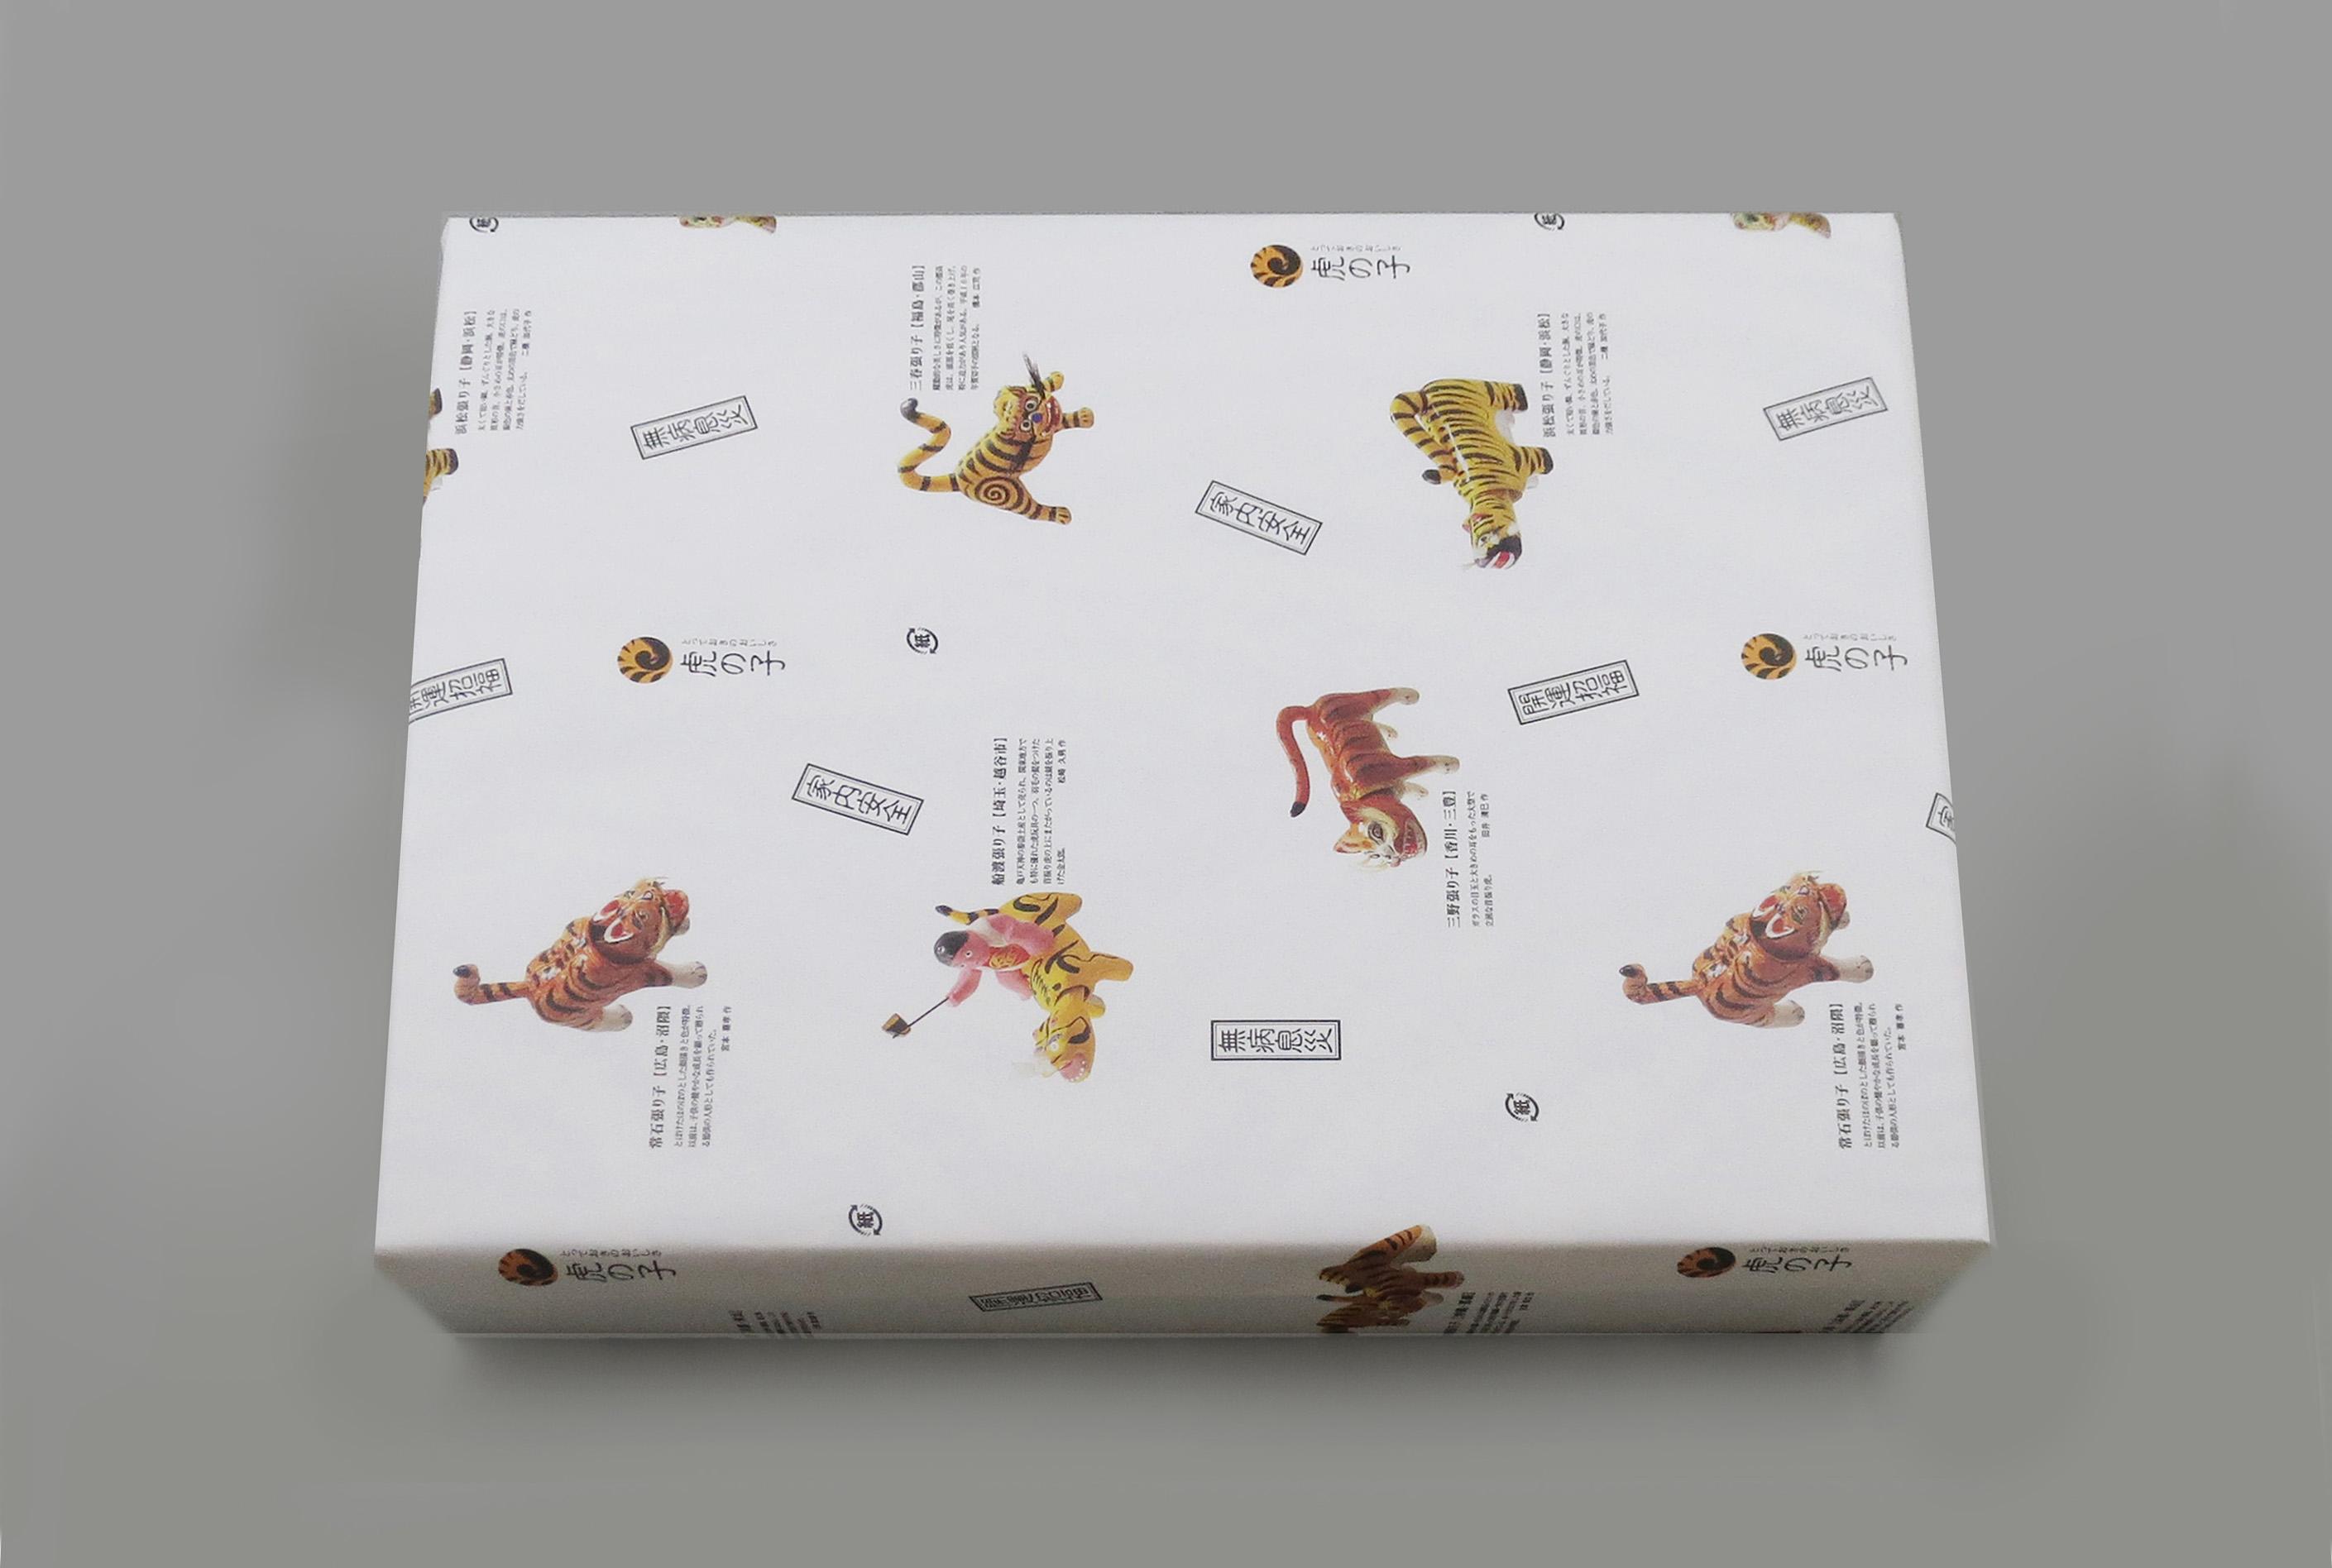 虎焼(つぶあん)&大人の虎焼(珈琲あん)20個入 包装紙